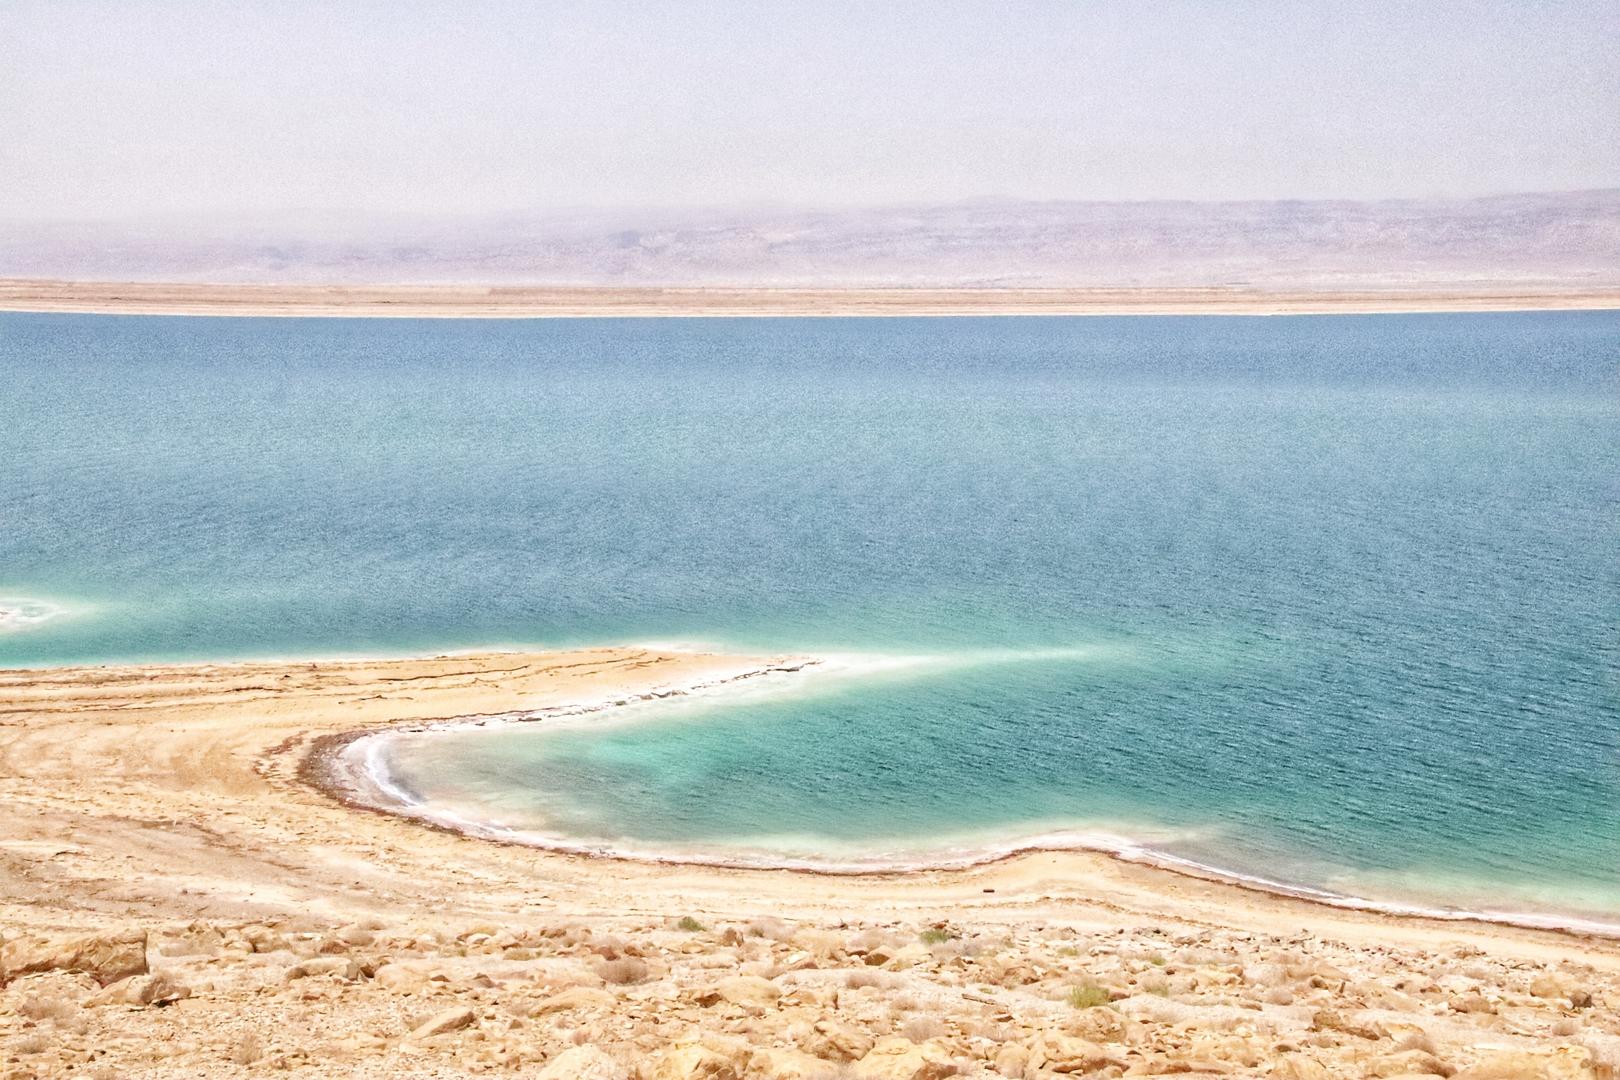 Jordanie - La Mer morte